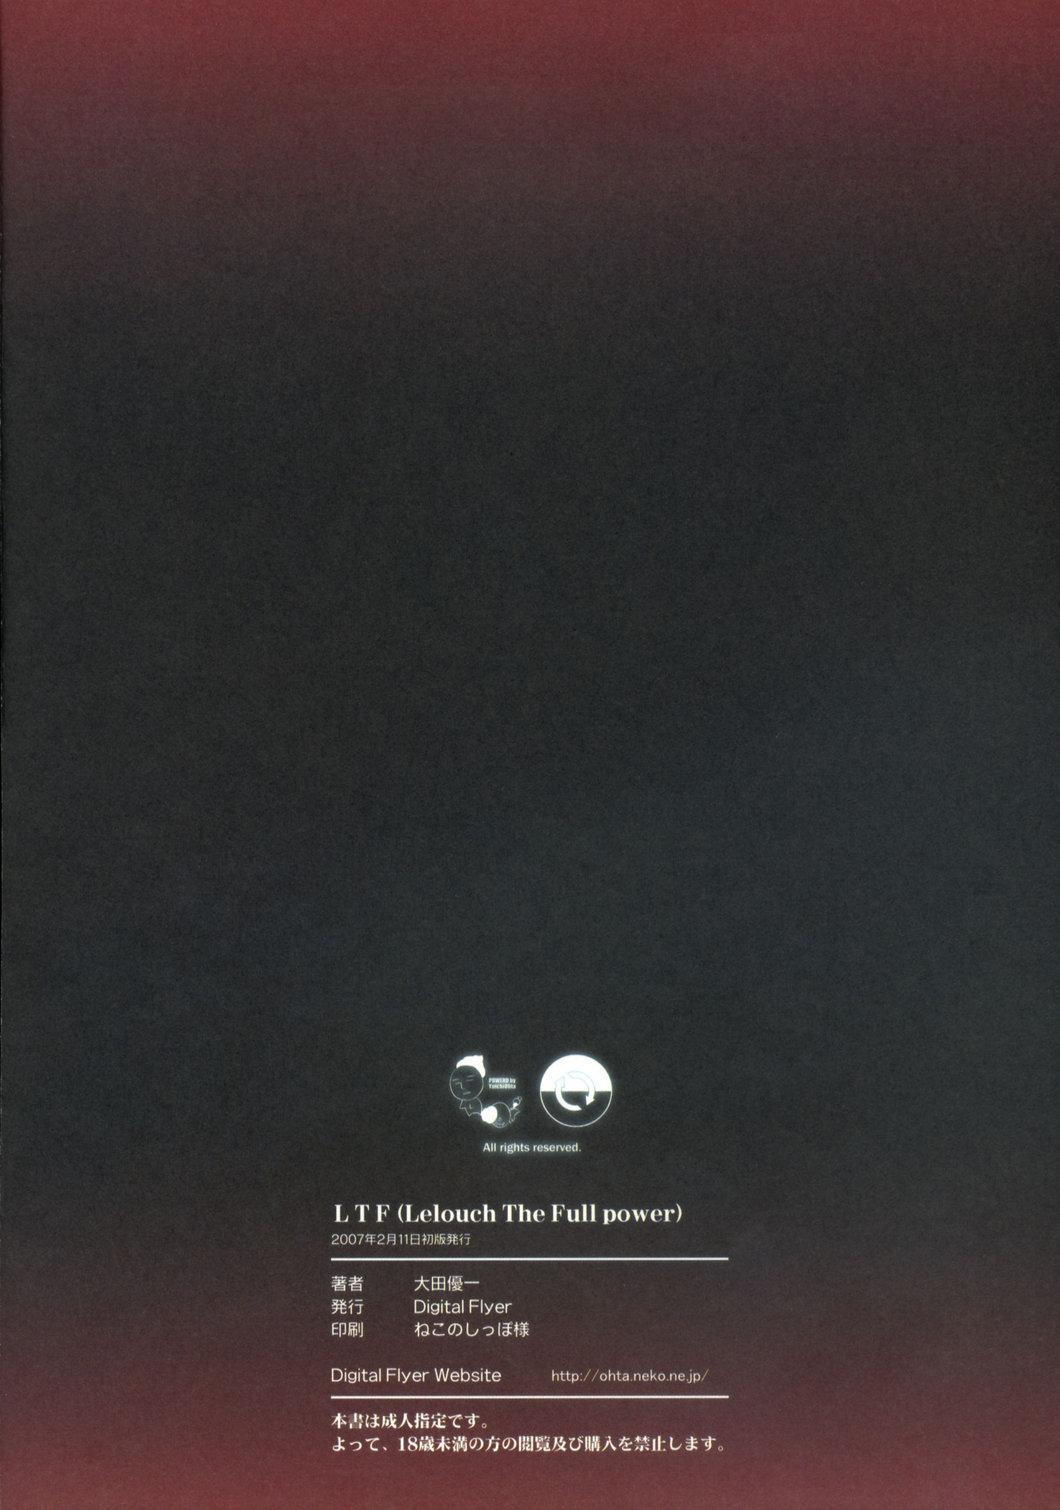 LTF 11